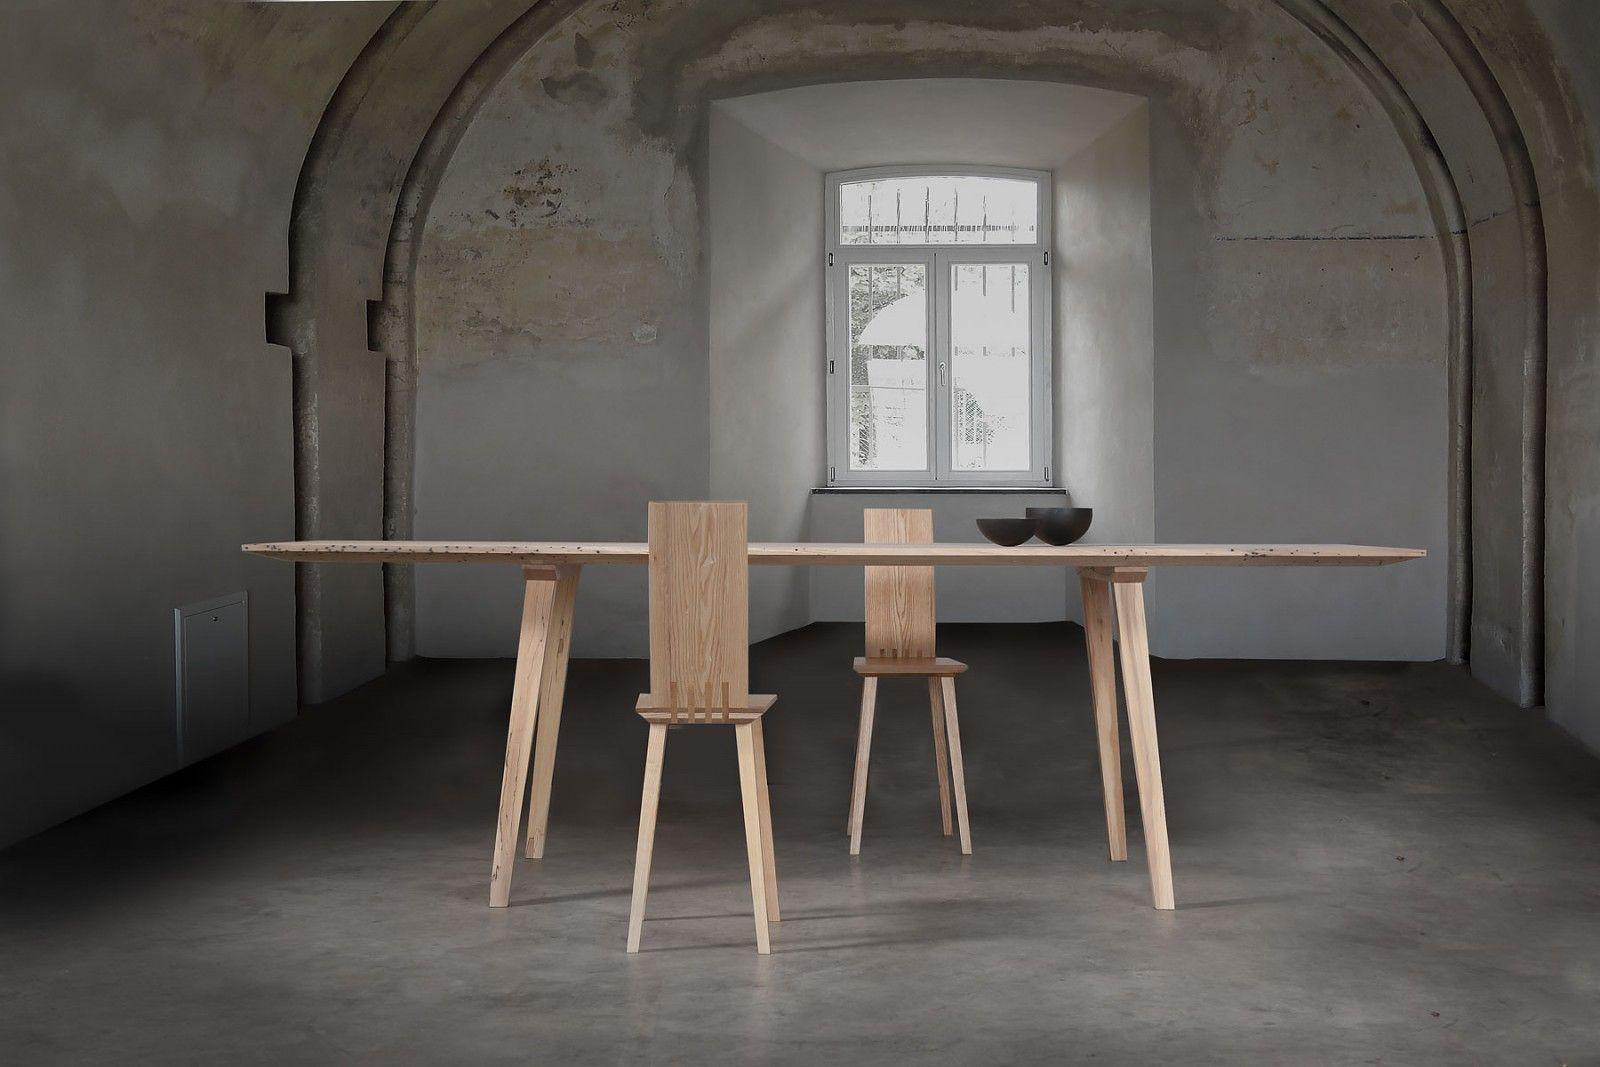 Tischlerei Sommer Poe Tisch Xl Tisch Stuhl Pinterest # Muebles Dico Power Center